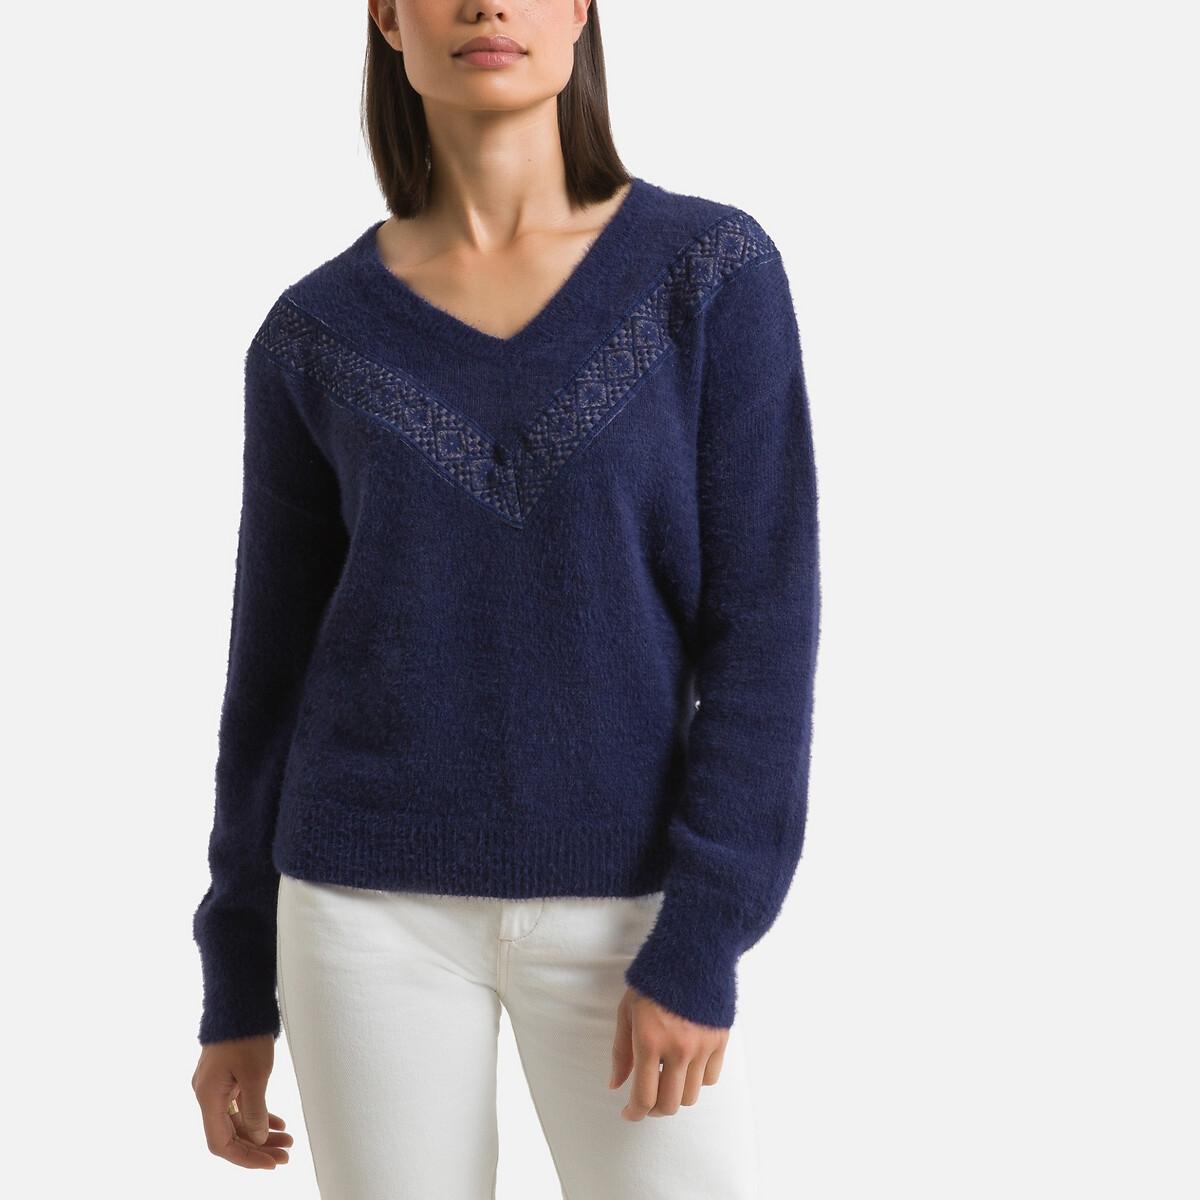 Пуловер LaRedoute С V-образным вырезом из тонкого трикотажа 42/44 (FR) - 48/50 (RUS) синий рубашка laredoute ночная с v образным вырезом цветочный принт 38 40 fr 44 46 rus синий